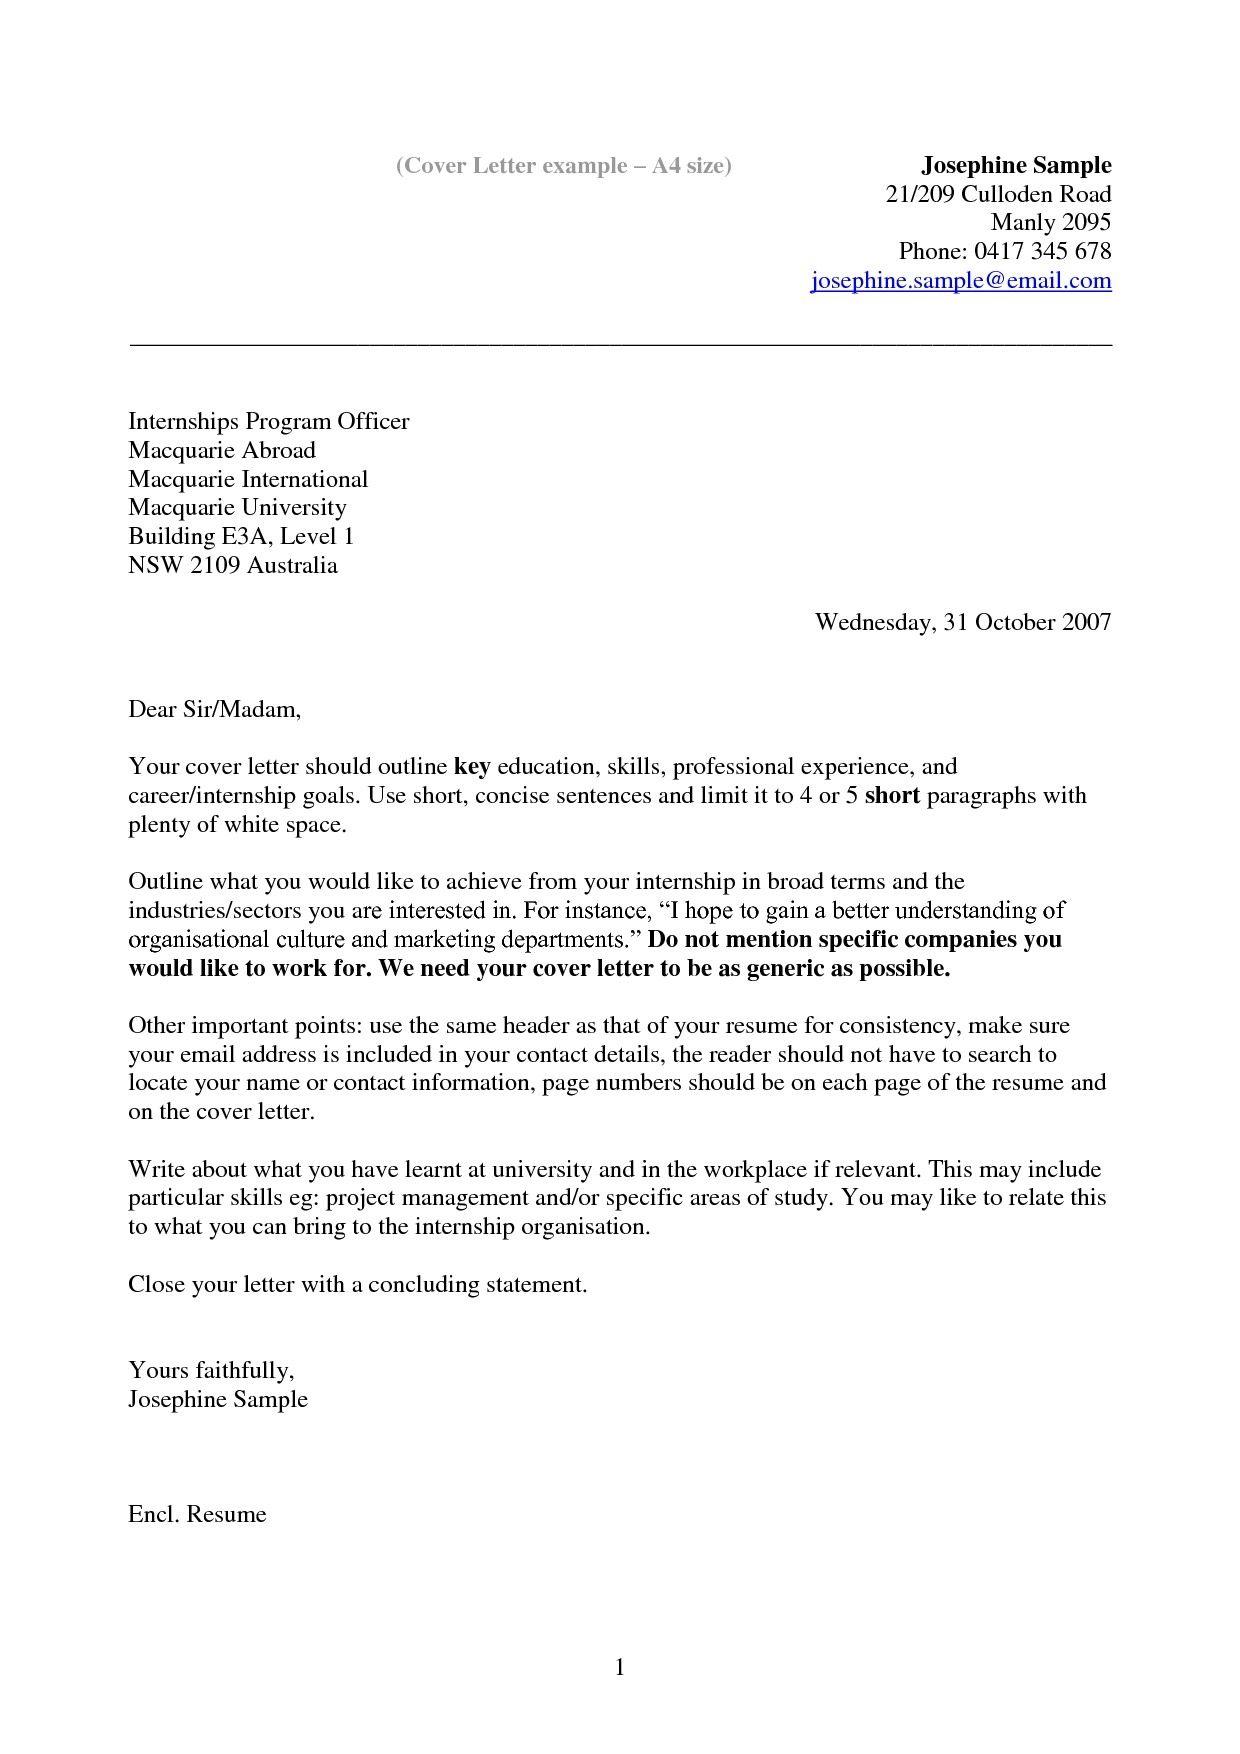 Cover Letter Template Australia 2017 Resume Examples Lebenslauf Anschreiben Anschreiben Beispiel Deckblatt Muster